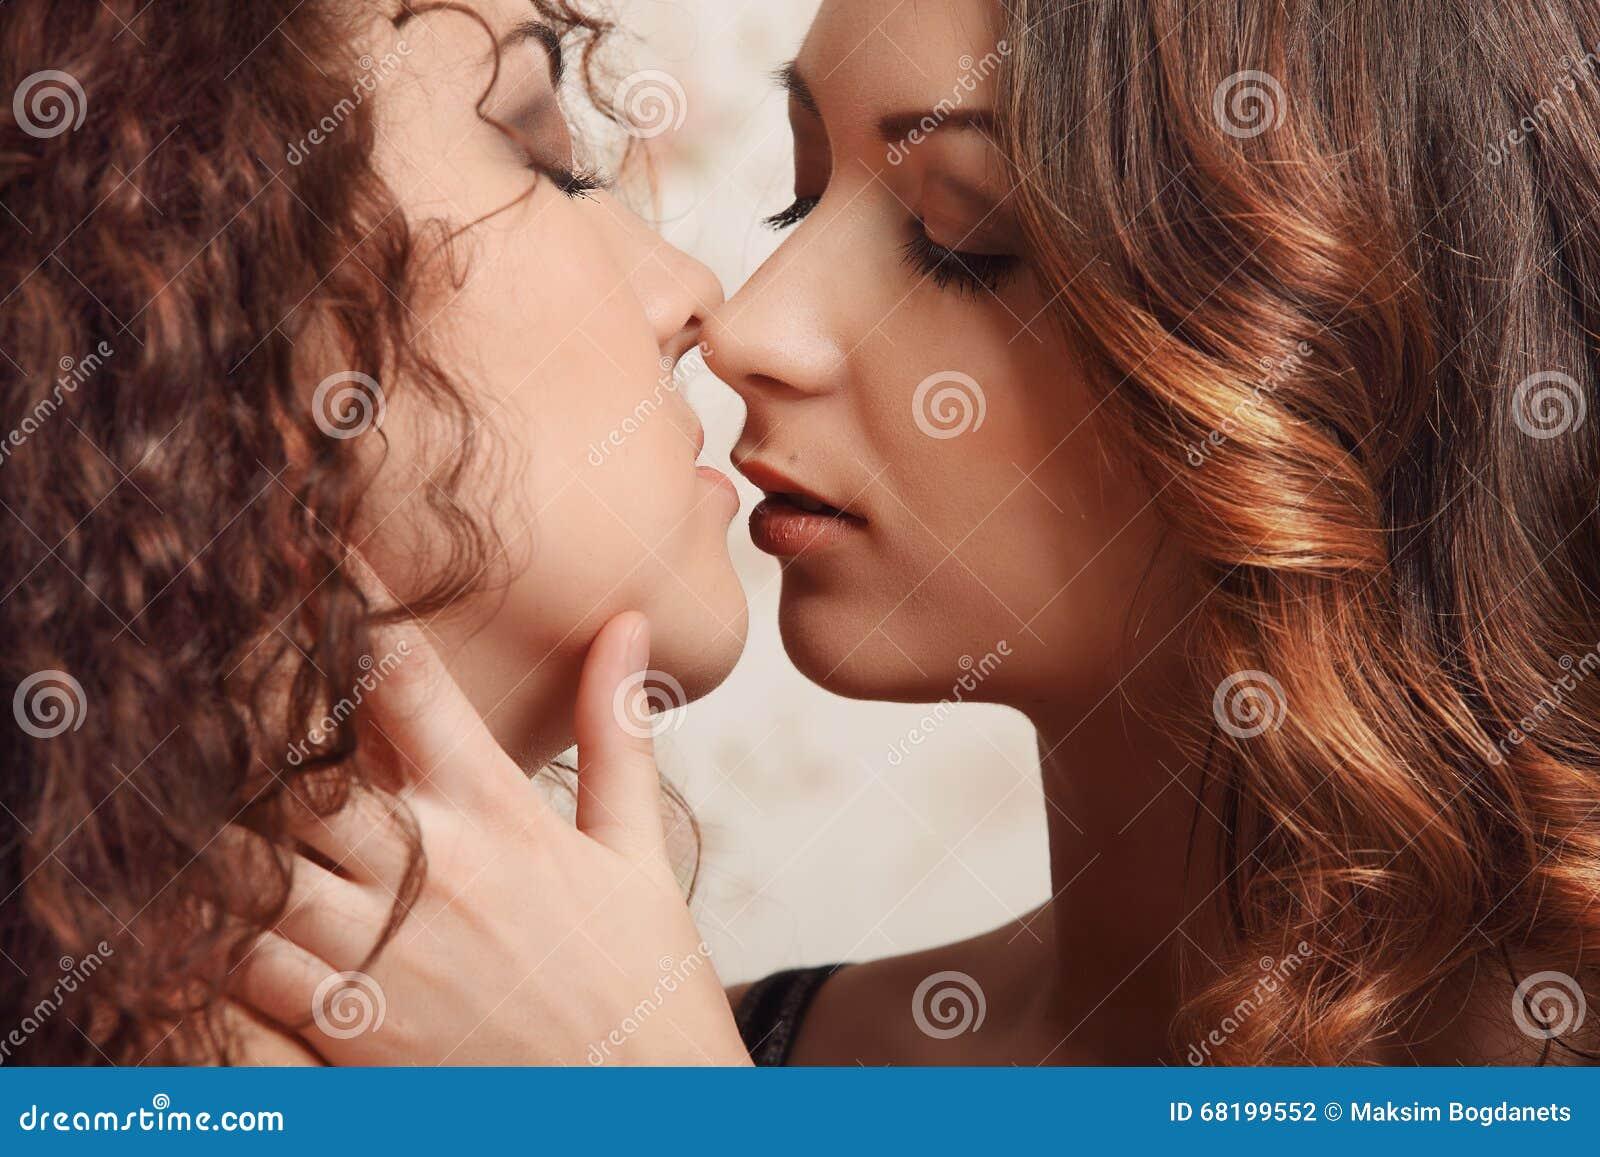 Μαύροι λεσβίες φιλιά ο ένας στον άλλο